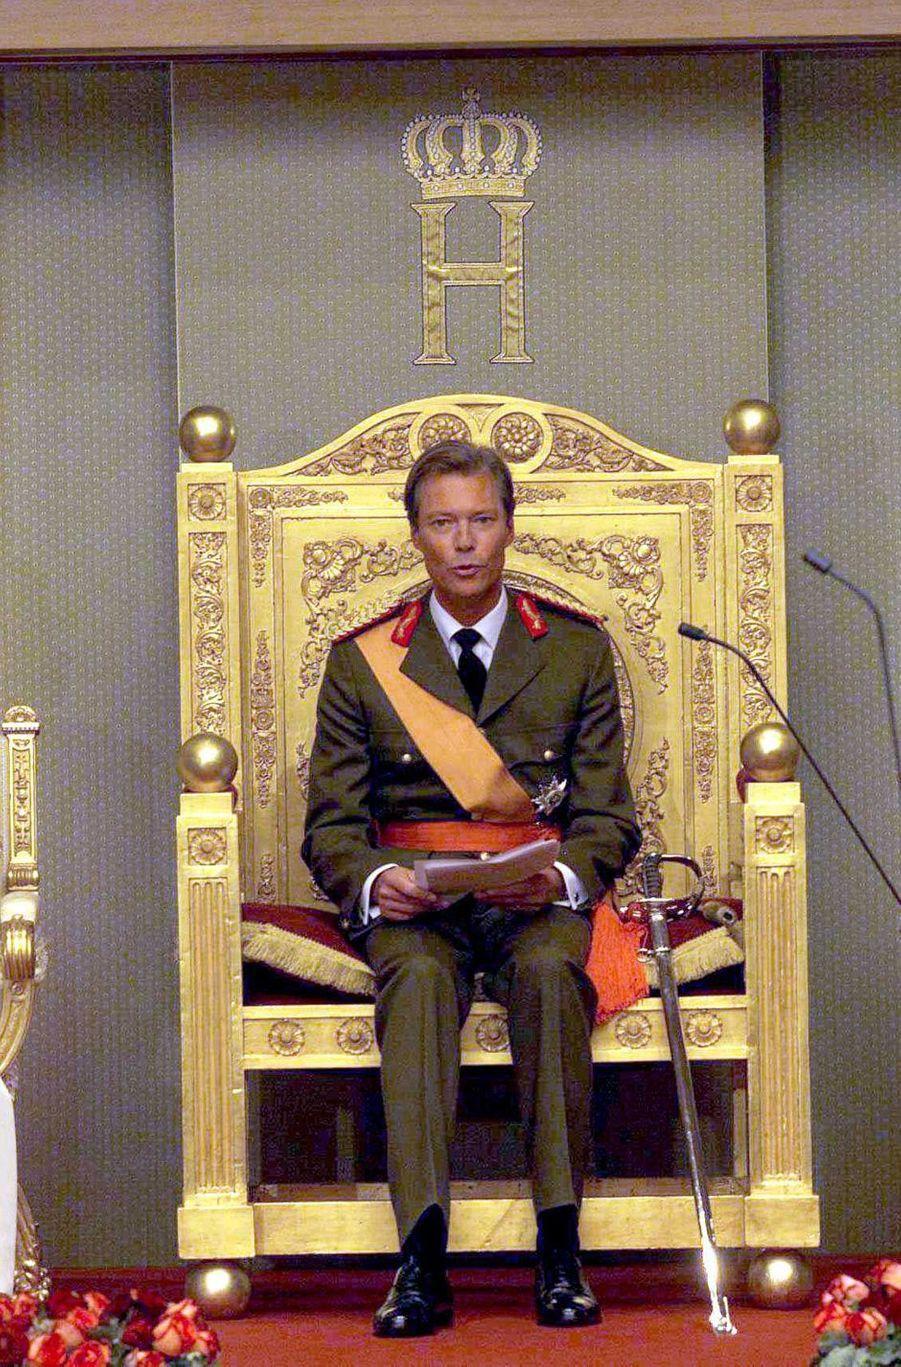 Le grand-duc Henri de Luxembourg, le 7 octobre 2000, jour de son accession au trône